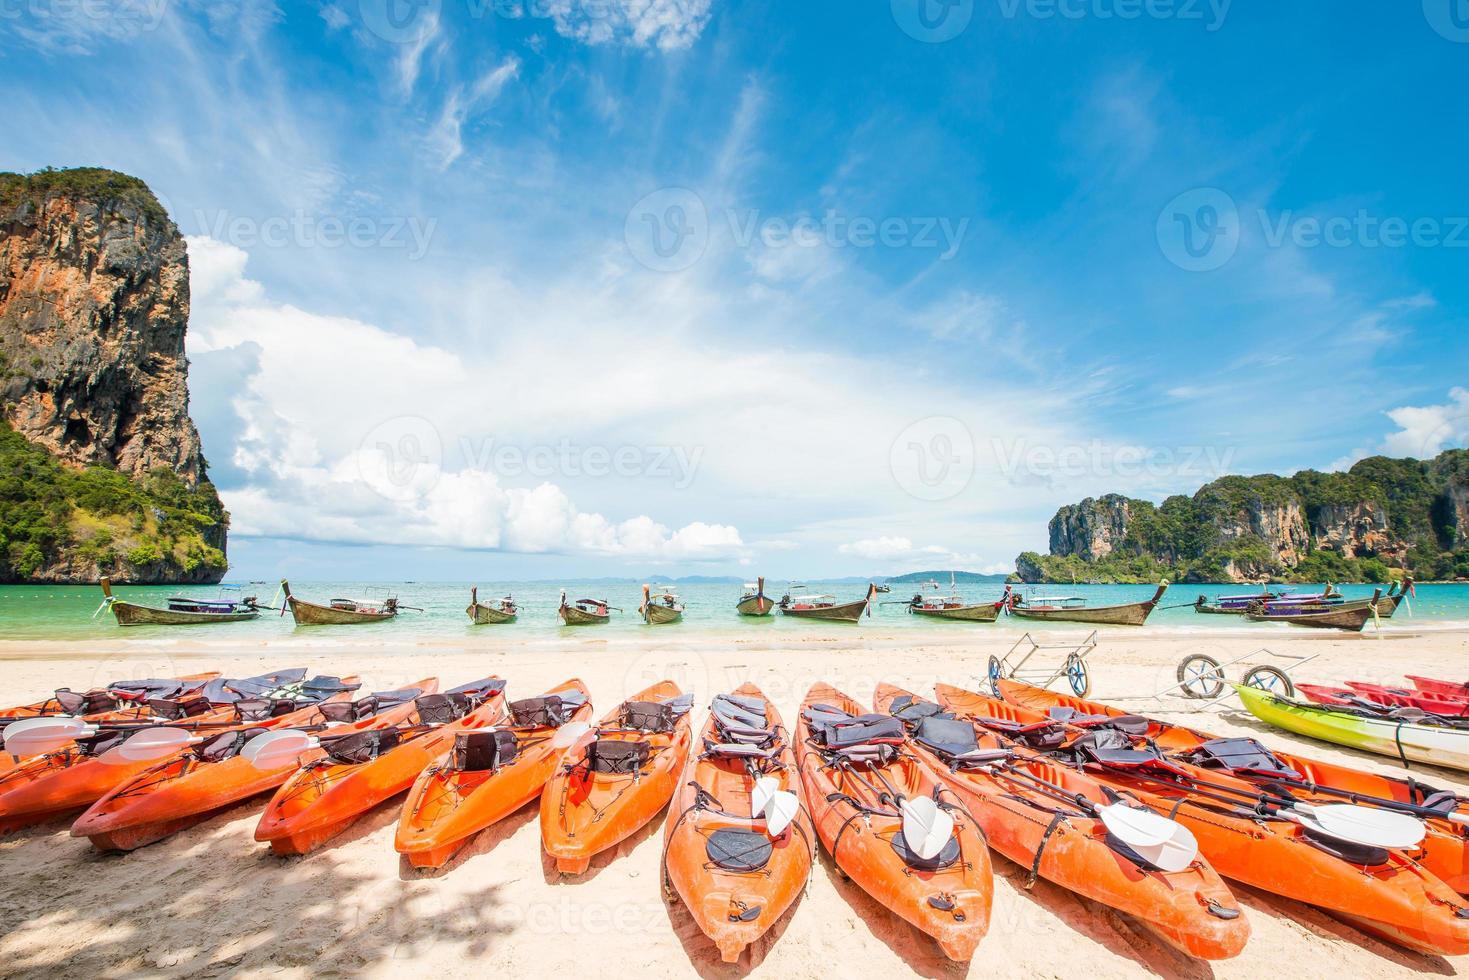 phuket james bond ilha phang nga foto